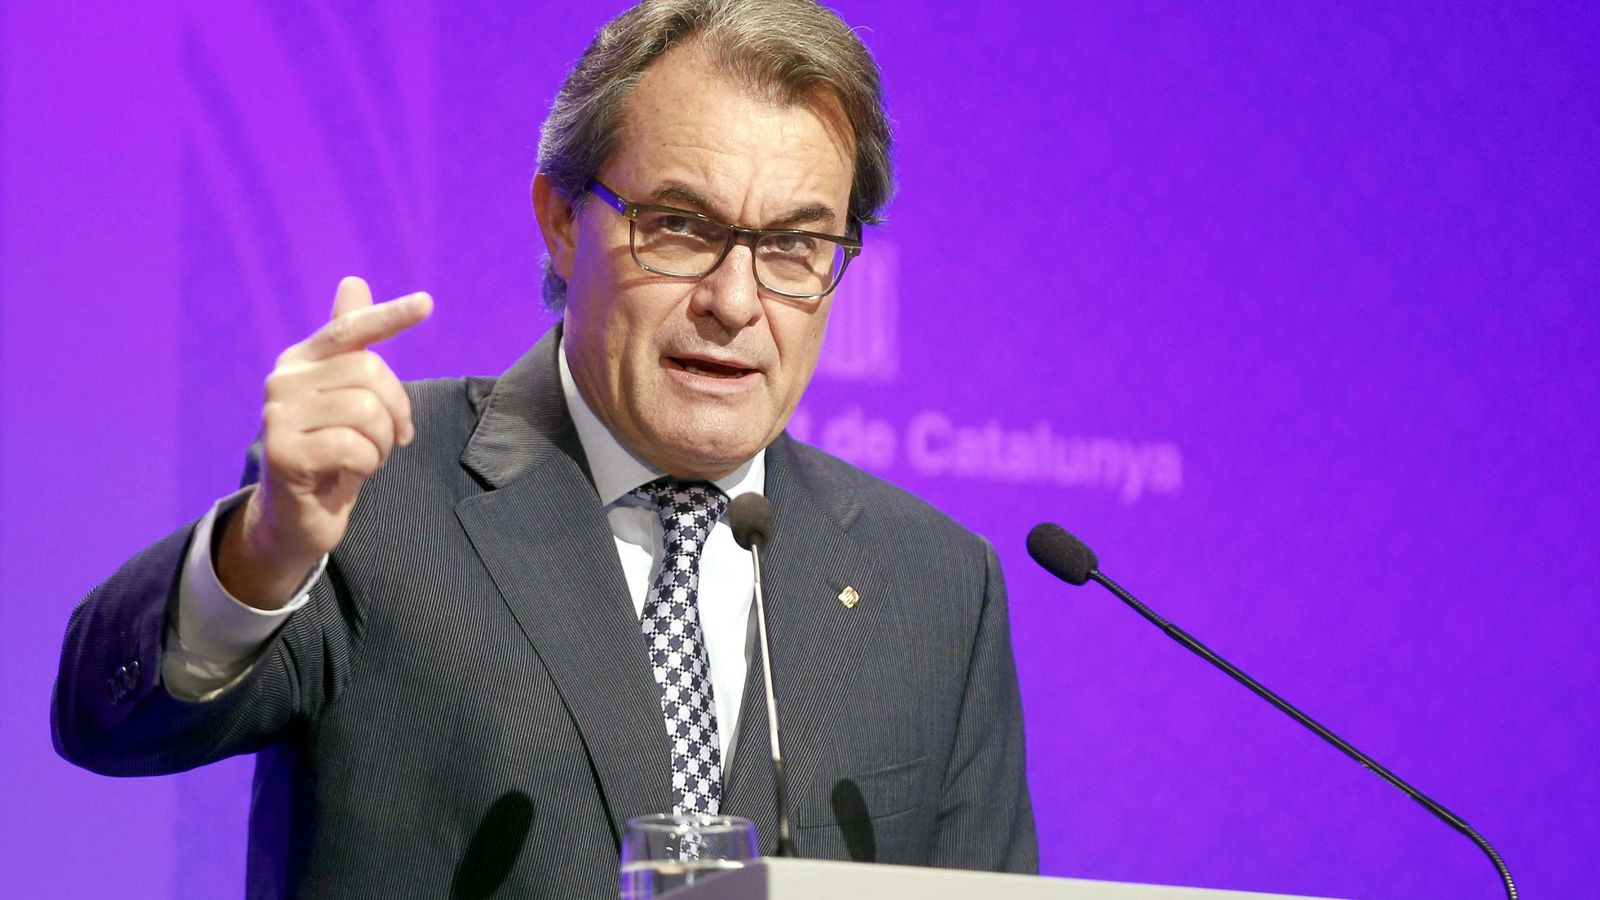 Foto: El presidente de la Generalitat en funciones, Artur Mas, durante la rueda de prensa que ha ofrecido este miércoles. (Efe)